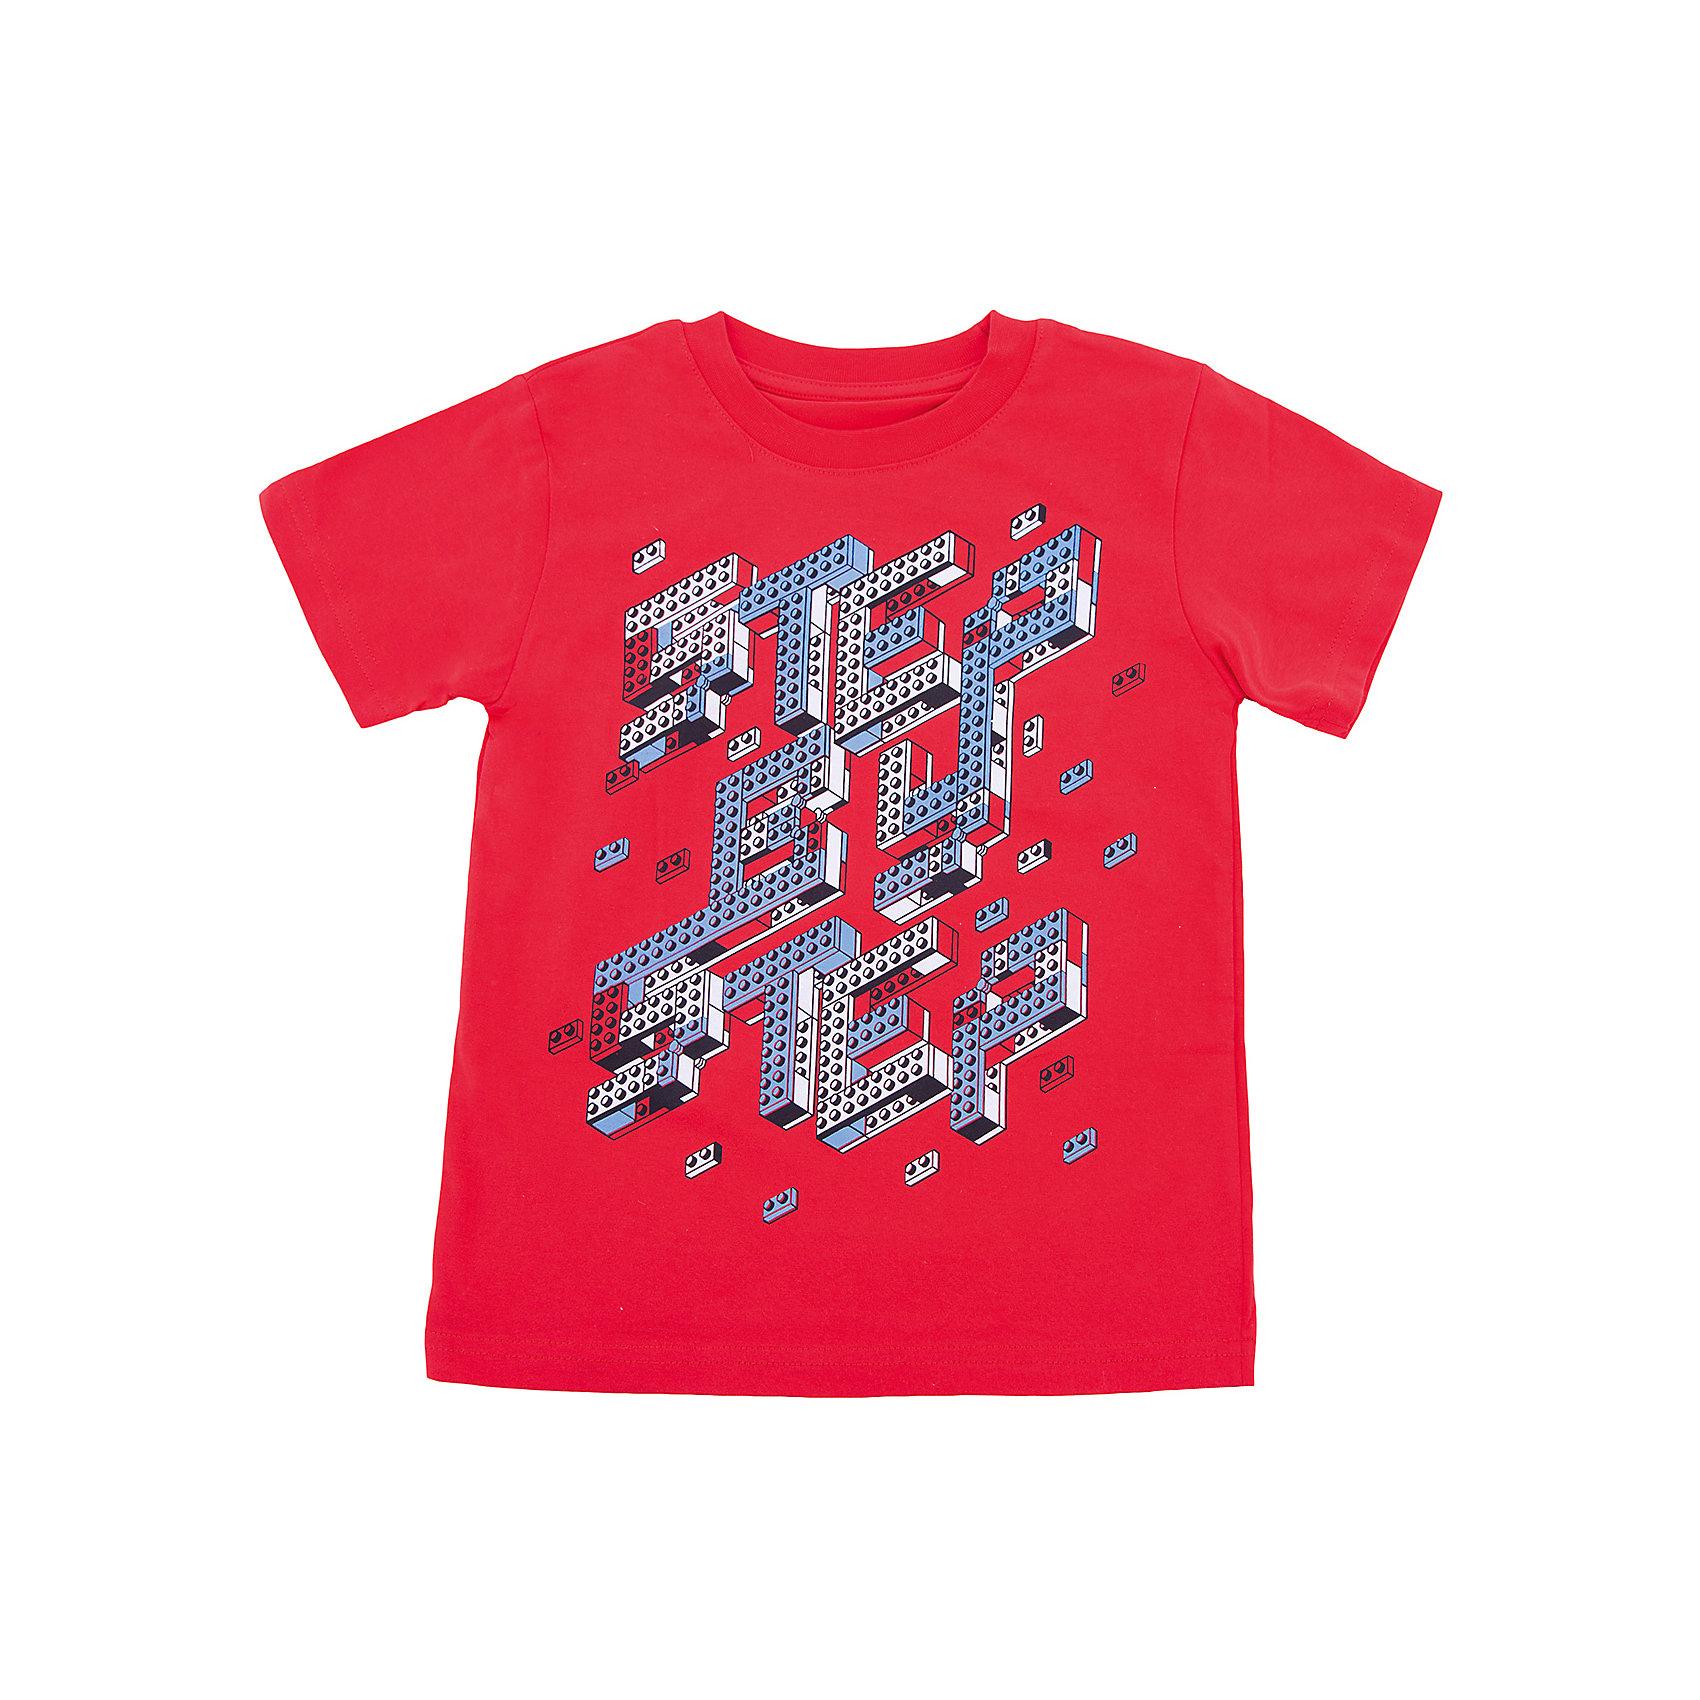 Футболка для мальчика WOWФутболки, поло и топы<br>Футболка для мальчика WOW<br>Незаменимой вещью в  гардеробе послужит футболка с коротким рукавом. Стильная и в тоже время комфортная модель, с яркой оригинальной печатью, будет превосходно смотреться на ребенке.<br>Состав:<br>кулирная гладь 100% хлопок<br><br>Ширина мм: 199<br>Глубина мм: 10<br>Высота мм: 161<br>Вес г: 151<br>Цвет: красный<br>Возраст от месяцев: 72<br>Возраст до месяцев: 84<br>Пол: Мужской<br>Возраст: Детский<br>Размер: 122,98,104,110,116<br>SKU: 6871626